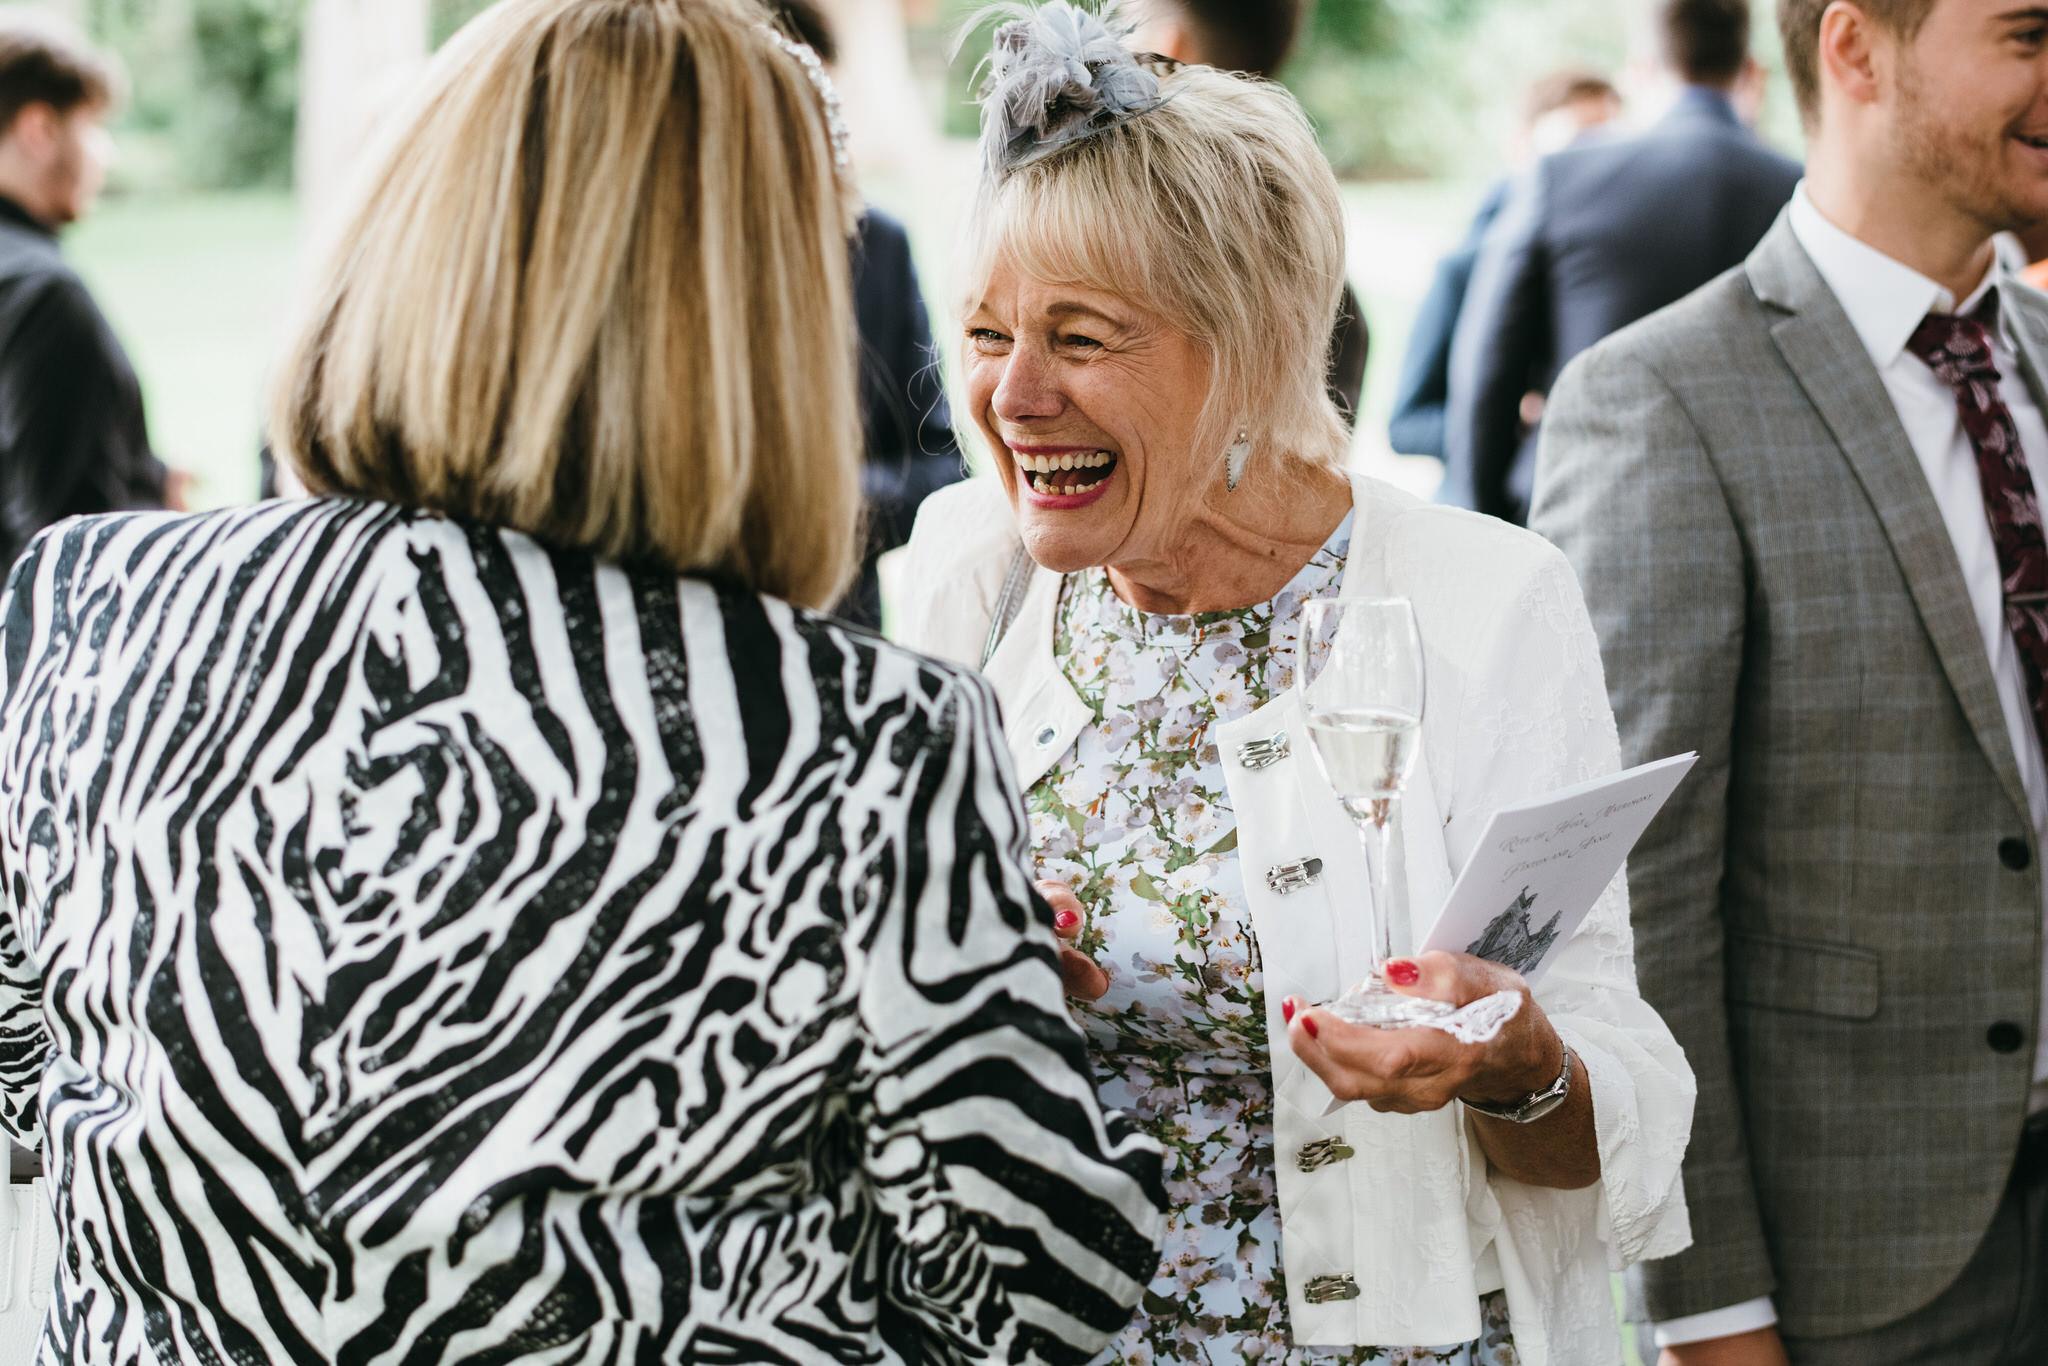 Candid shot of guests at Bishops palace wedding